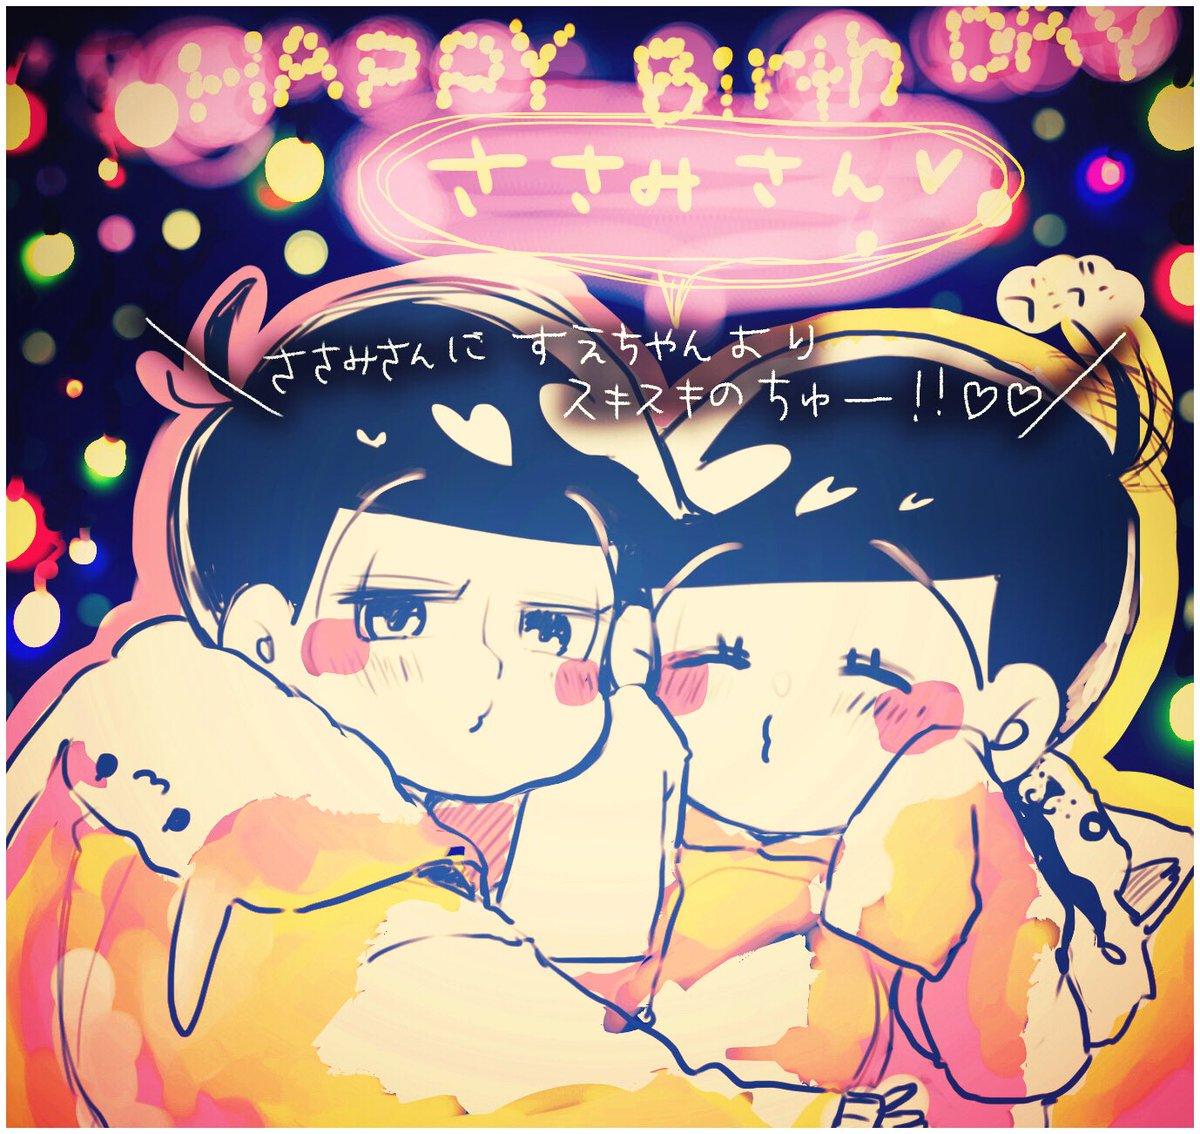 えーーーっもーーーーおめでとうございますーーー!!!!😚😚💖💛💖💛黄色のケーキてっきりささみさんのご希望で選ばれしケー